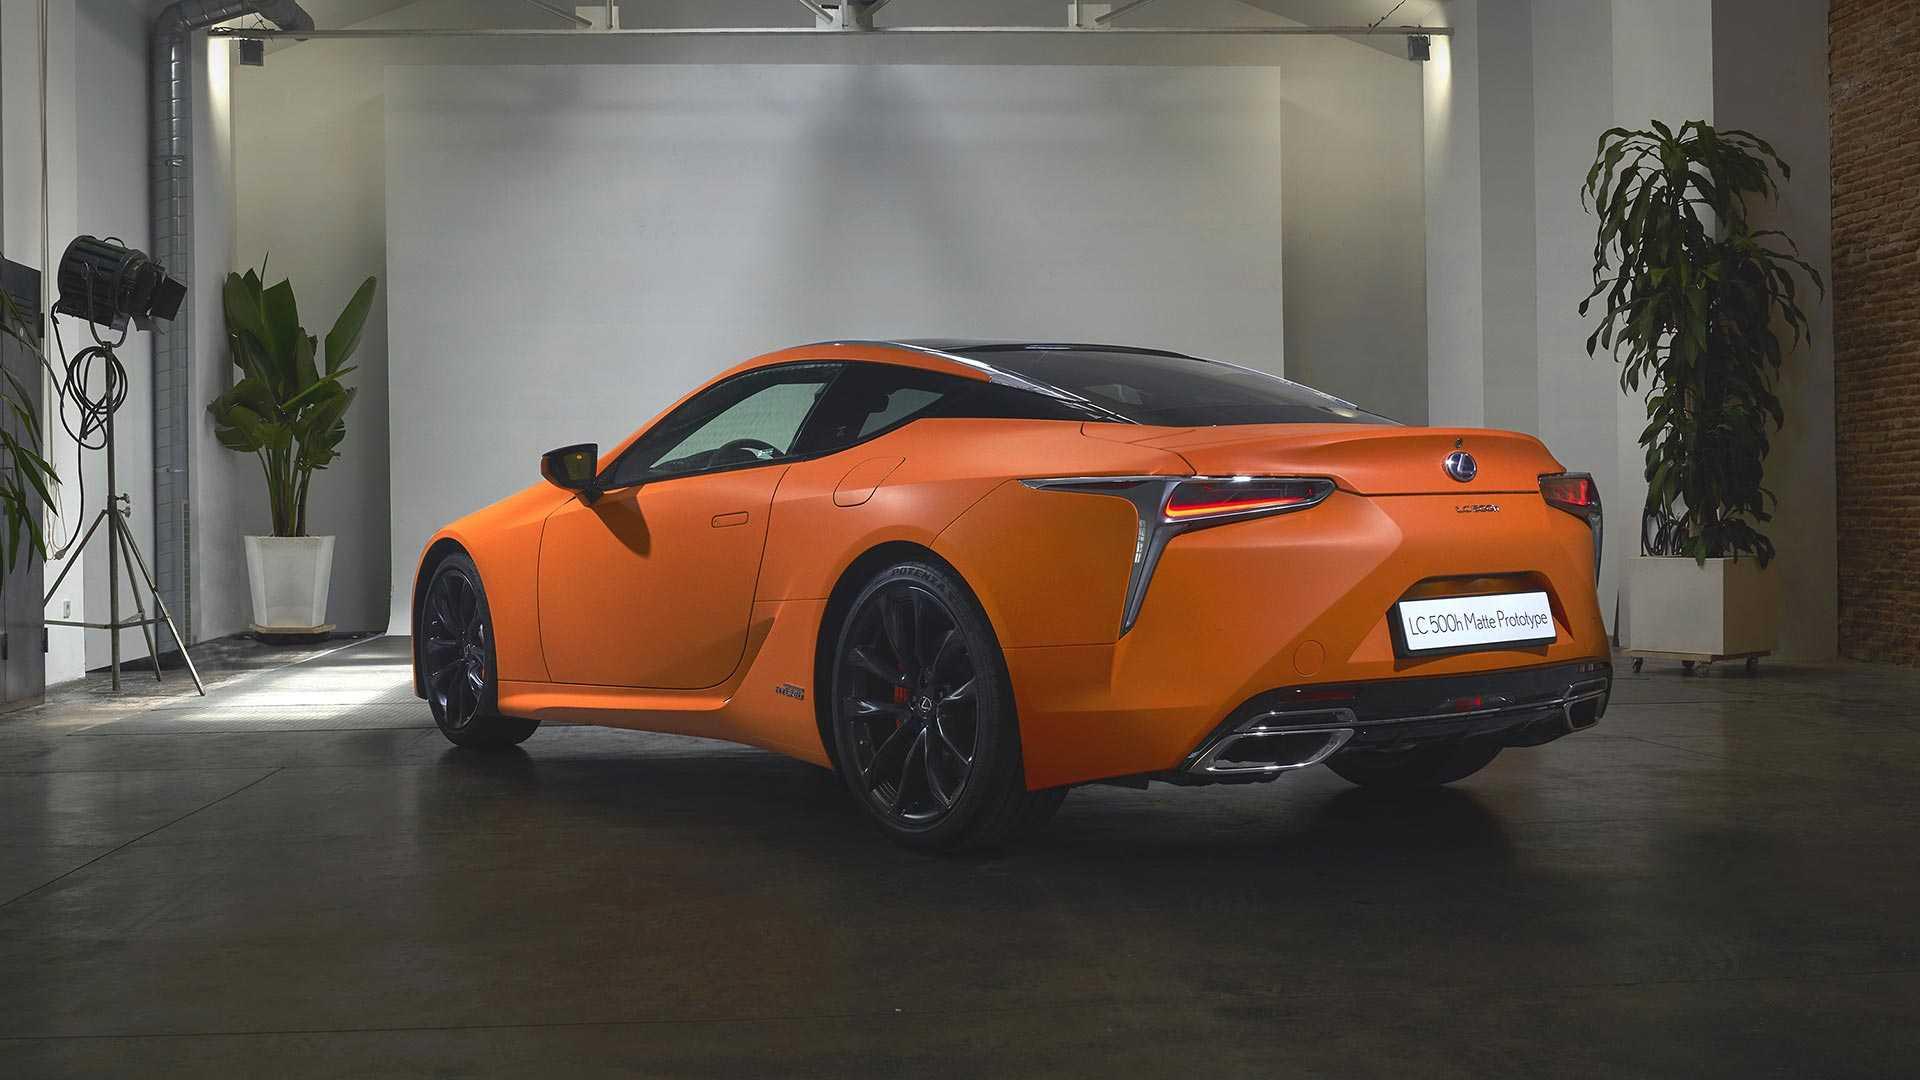 lexus-lc-500h-matte-prototype-space-orange-3